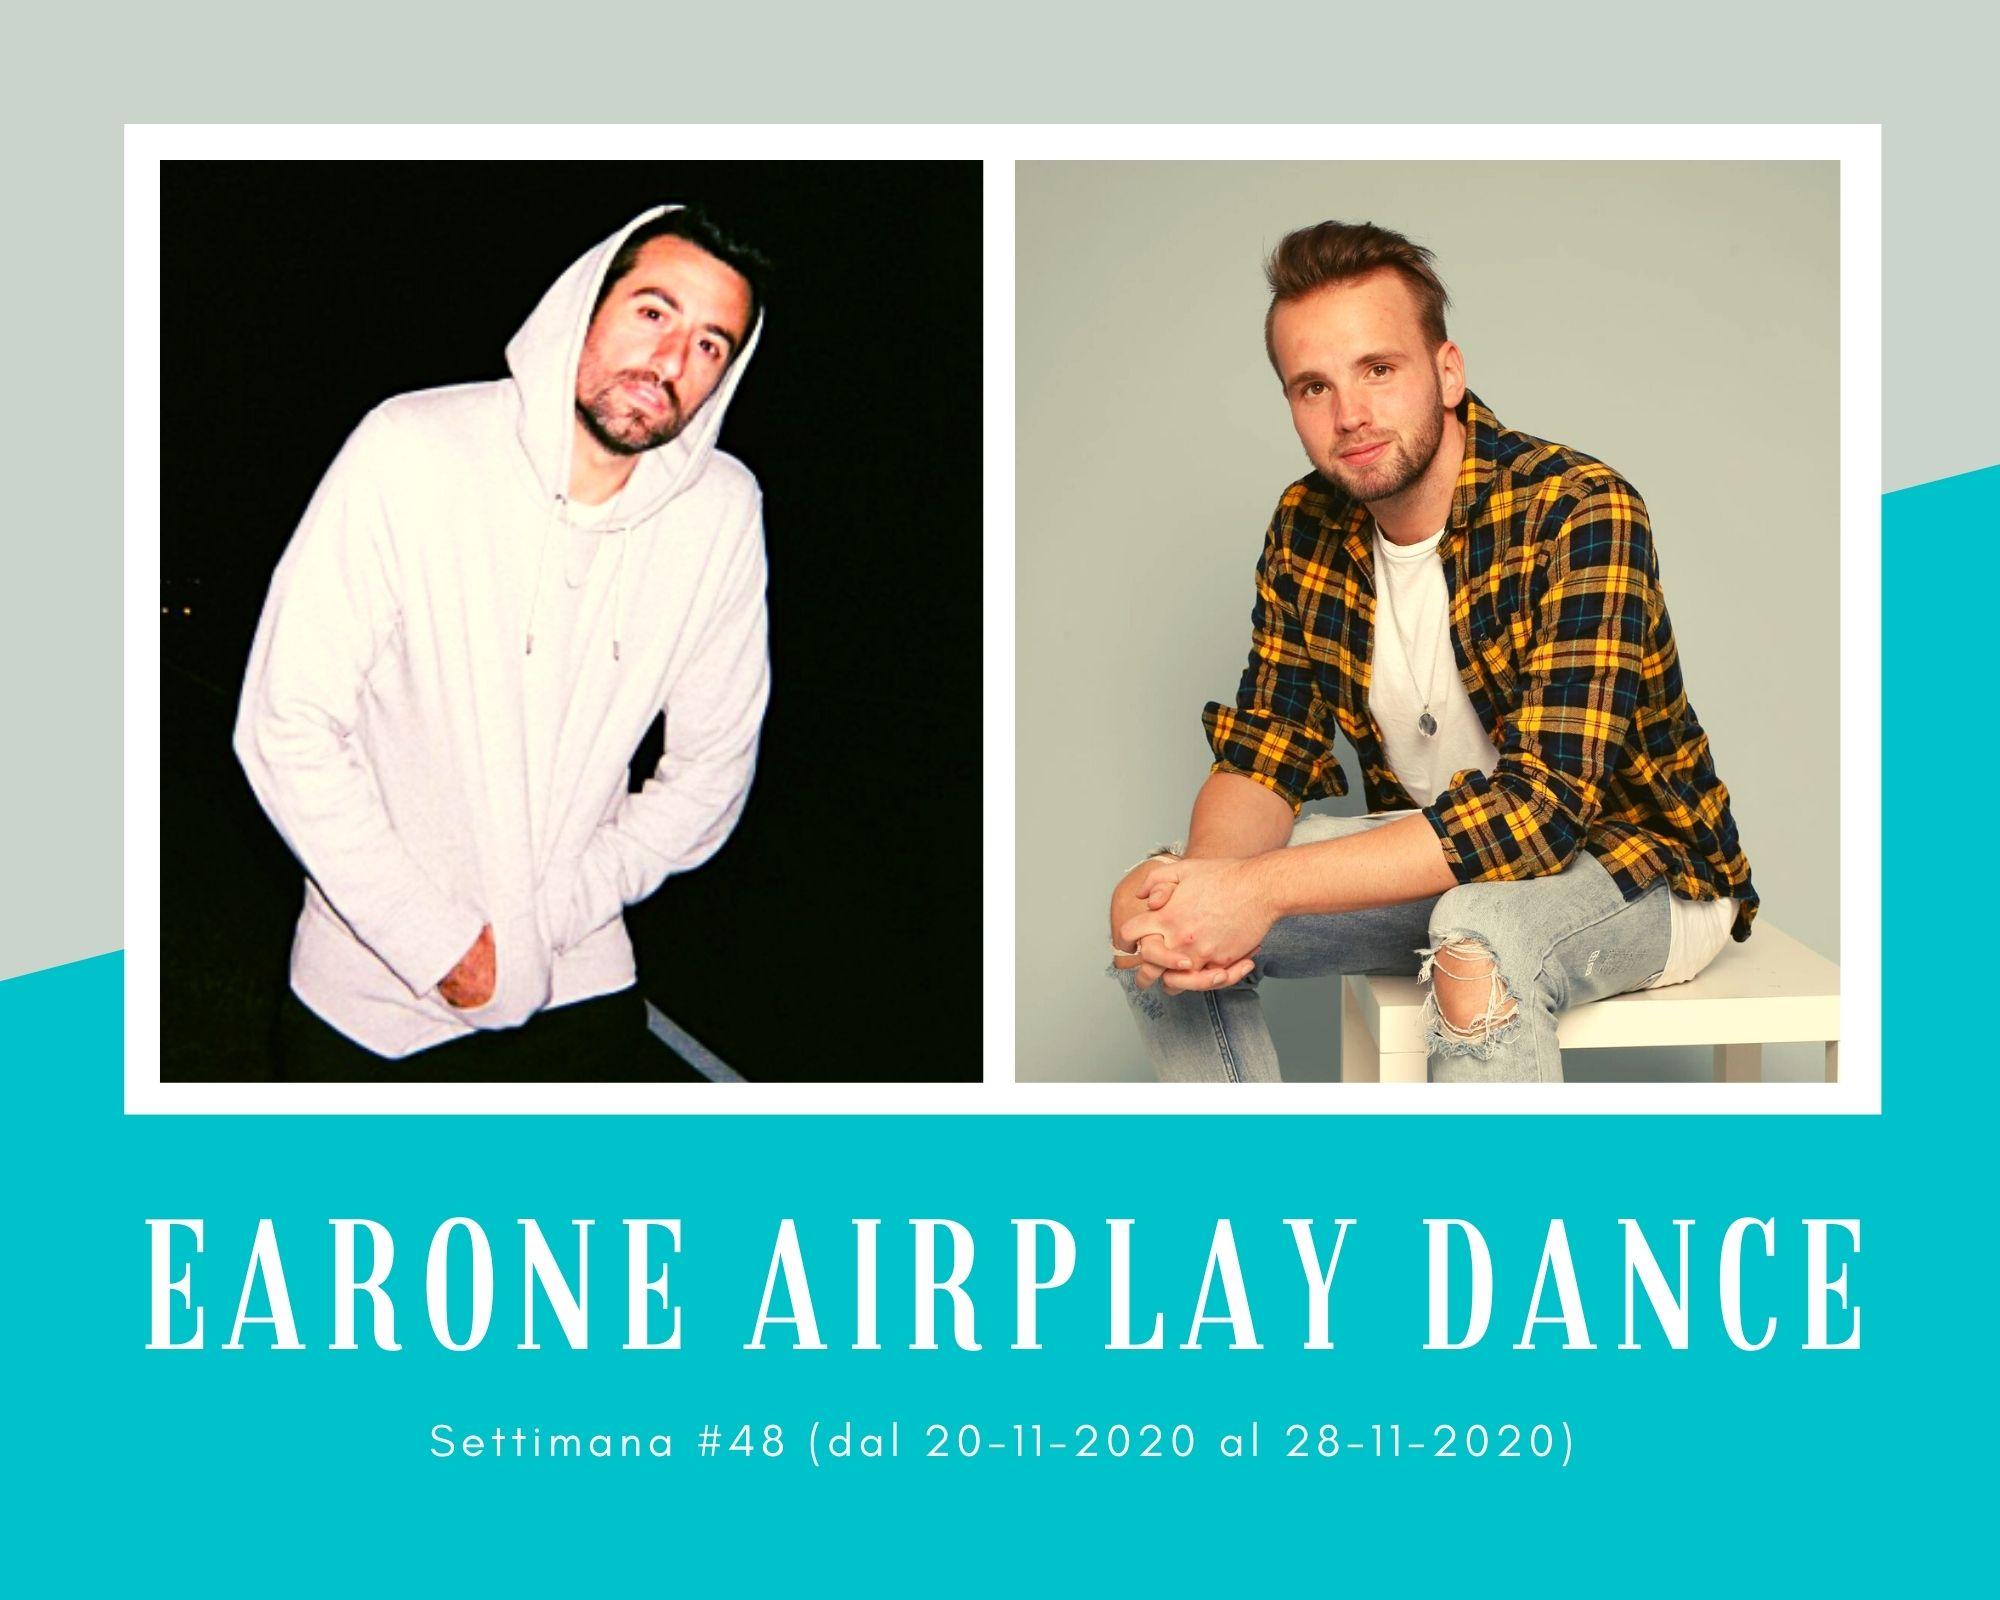 Classifica Radio EARONE Airplay Dance, week 48. Doppietta per Topic. Dotan sul podio